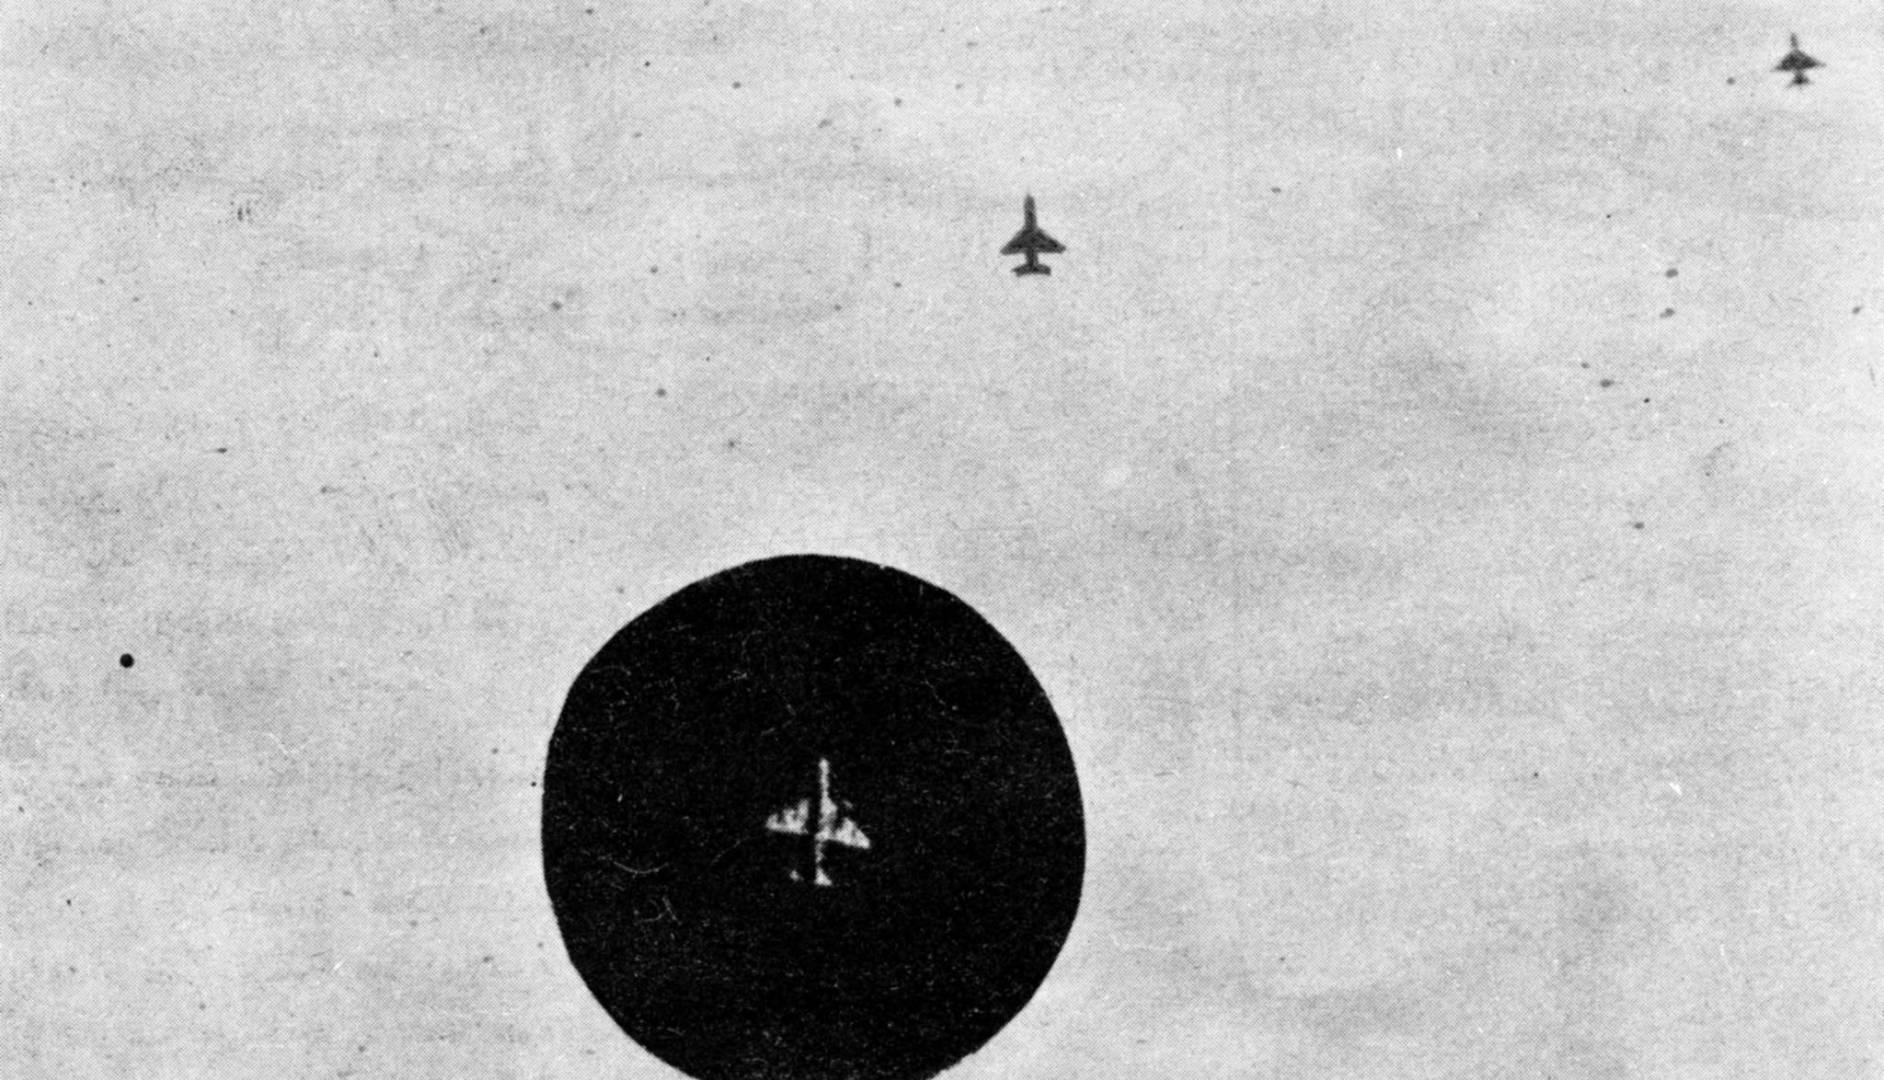 طائرات إسرائيلية تحلق في المجال الجوي اللبناني.. أرشيفية